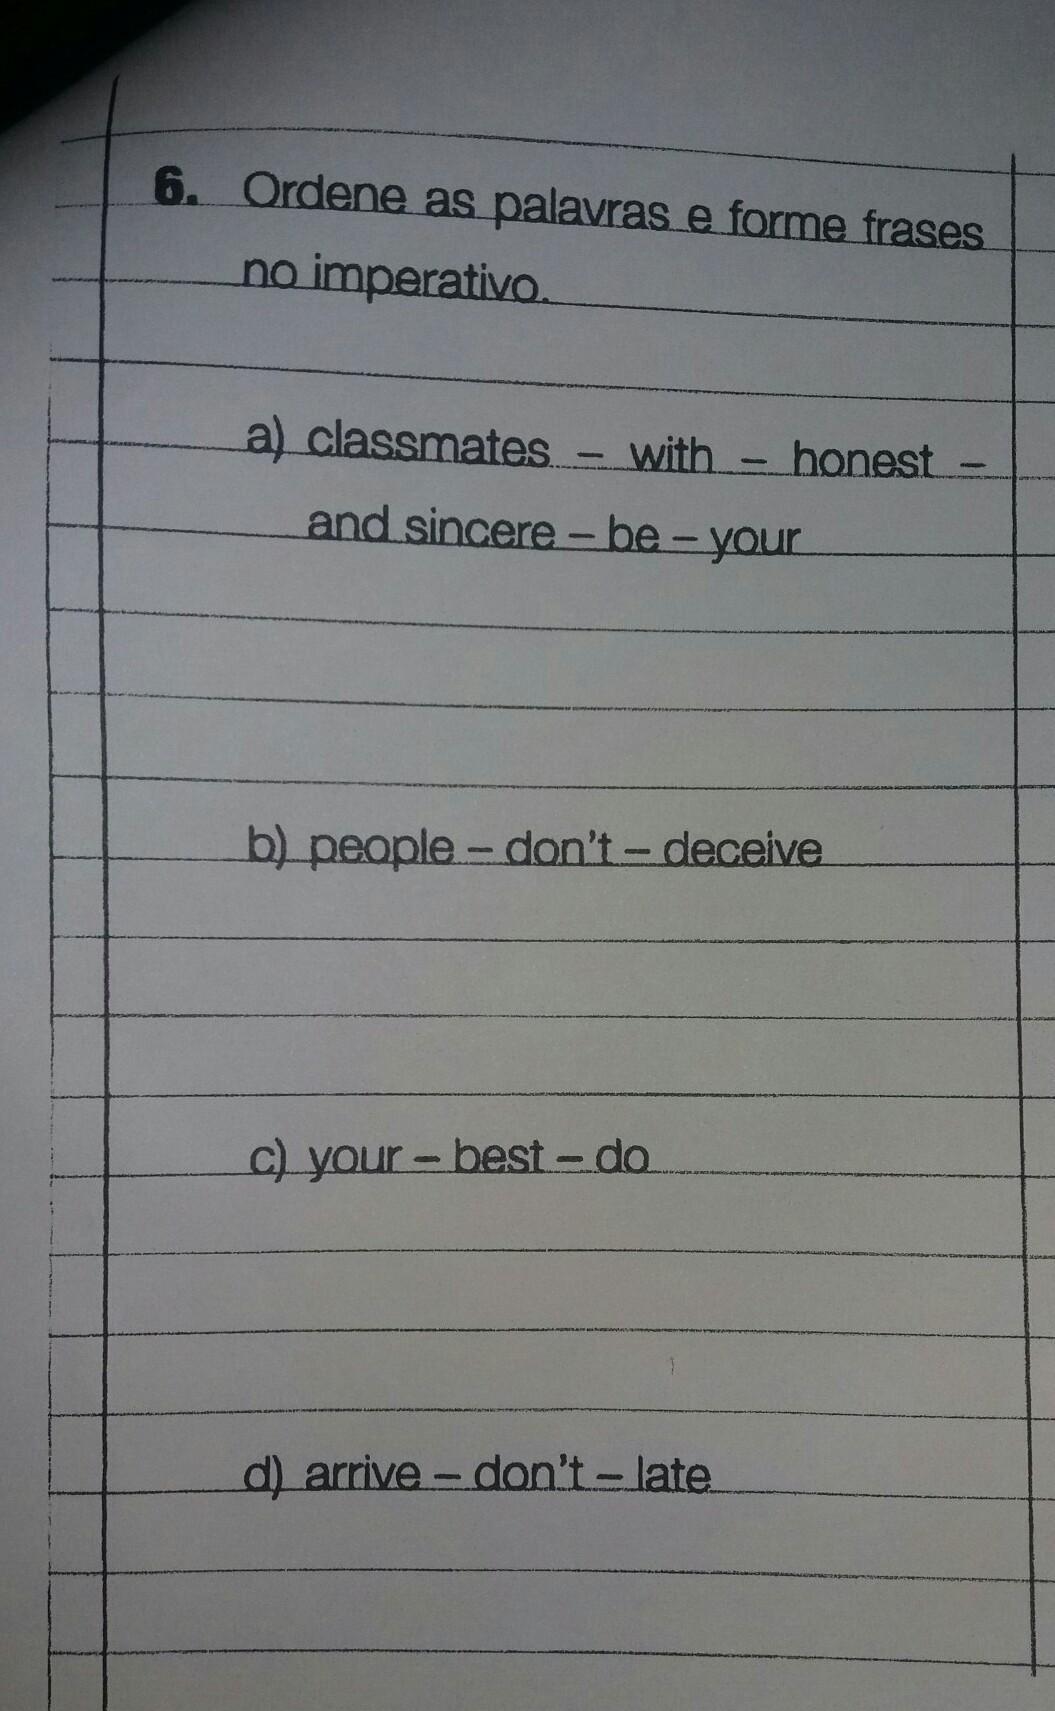 Ordene As Palavras E Forme Frases No Imperativo Brainlycombr